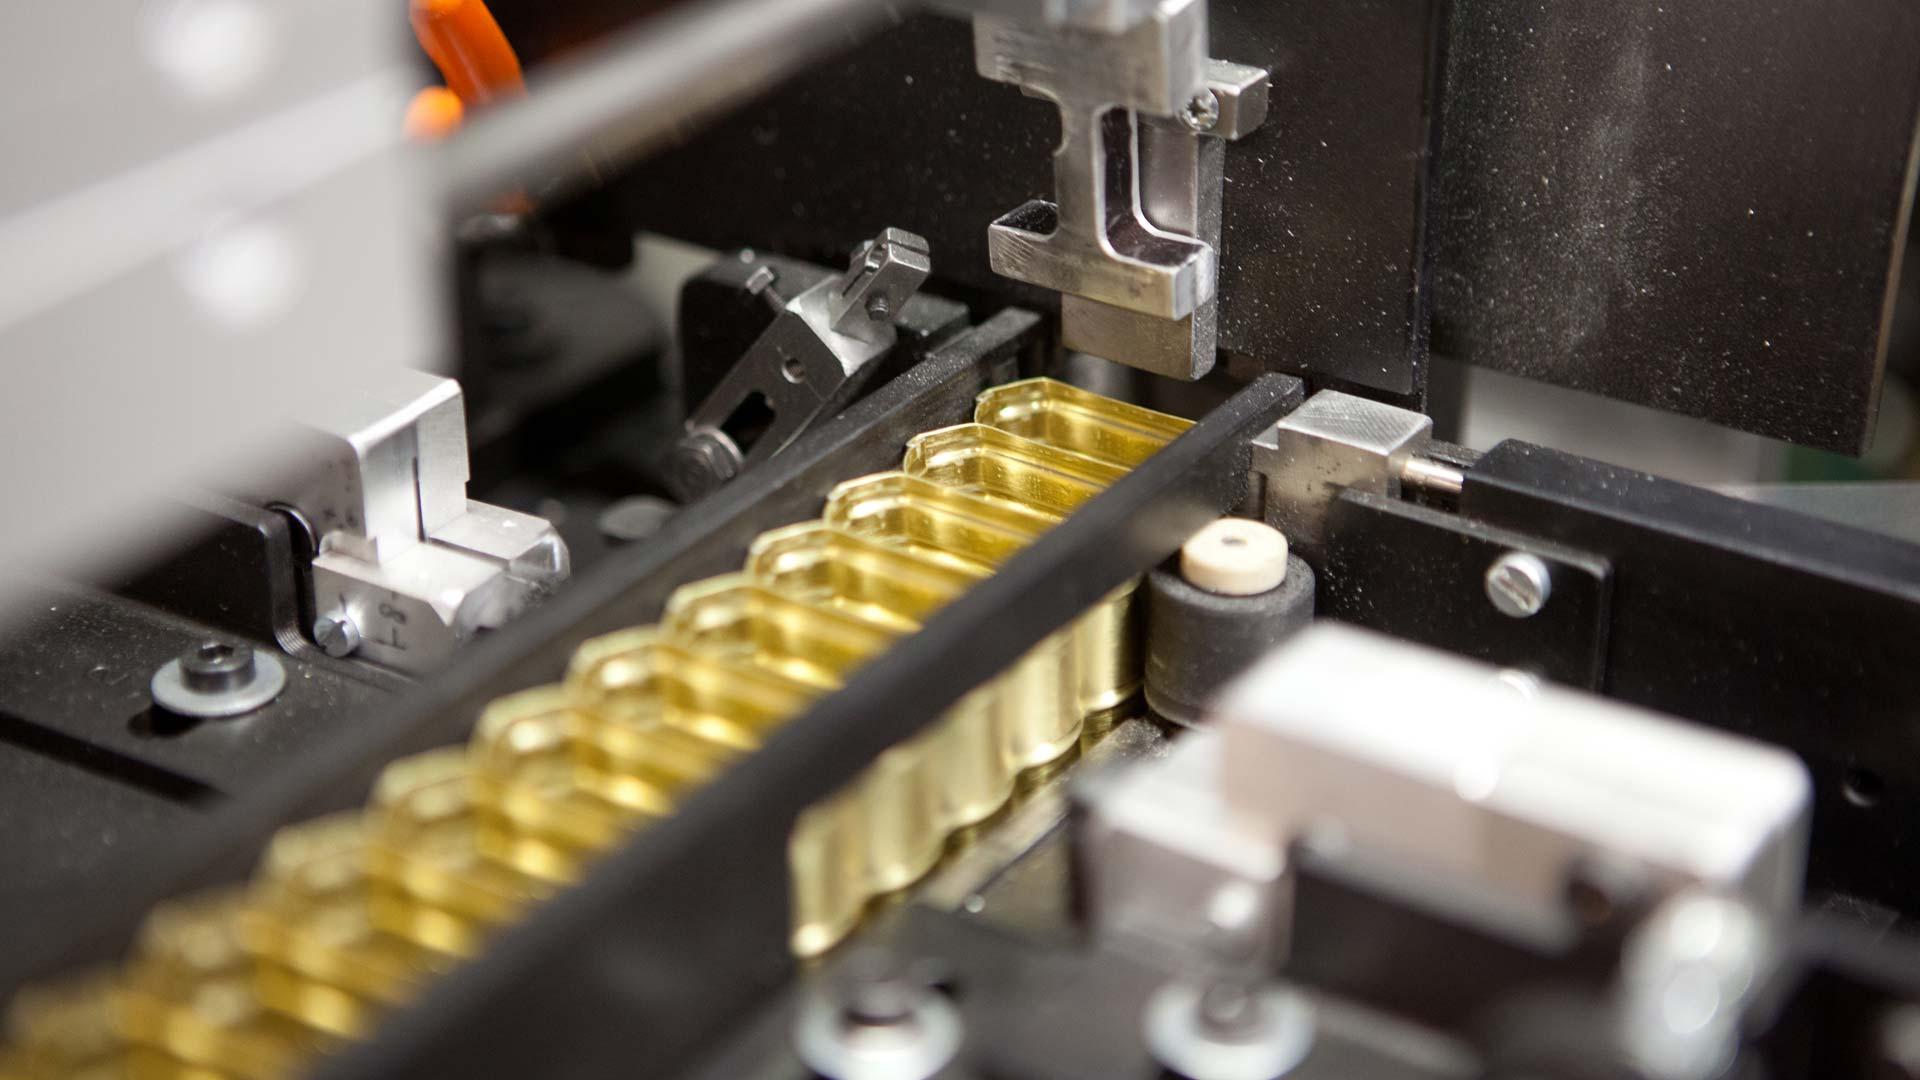 1. Wir produzieren Pinselbeschläge